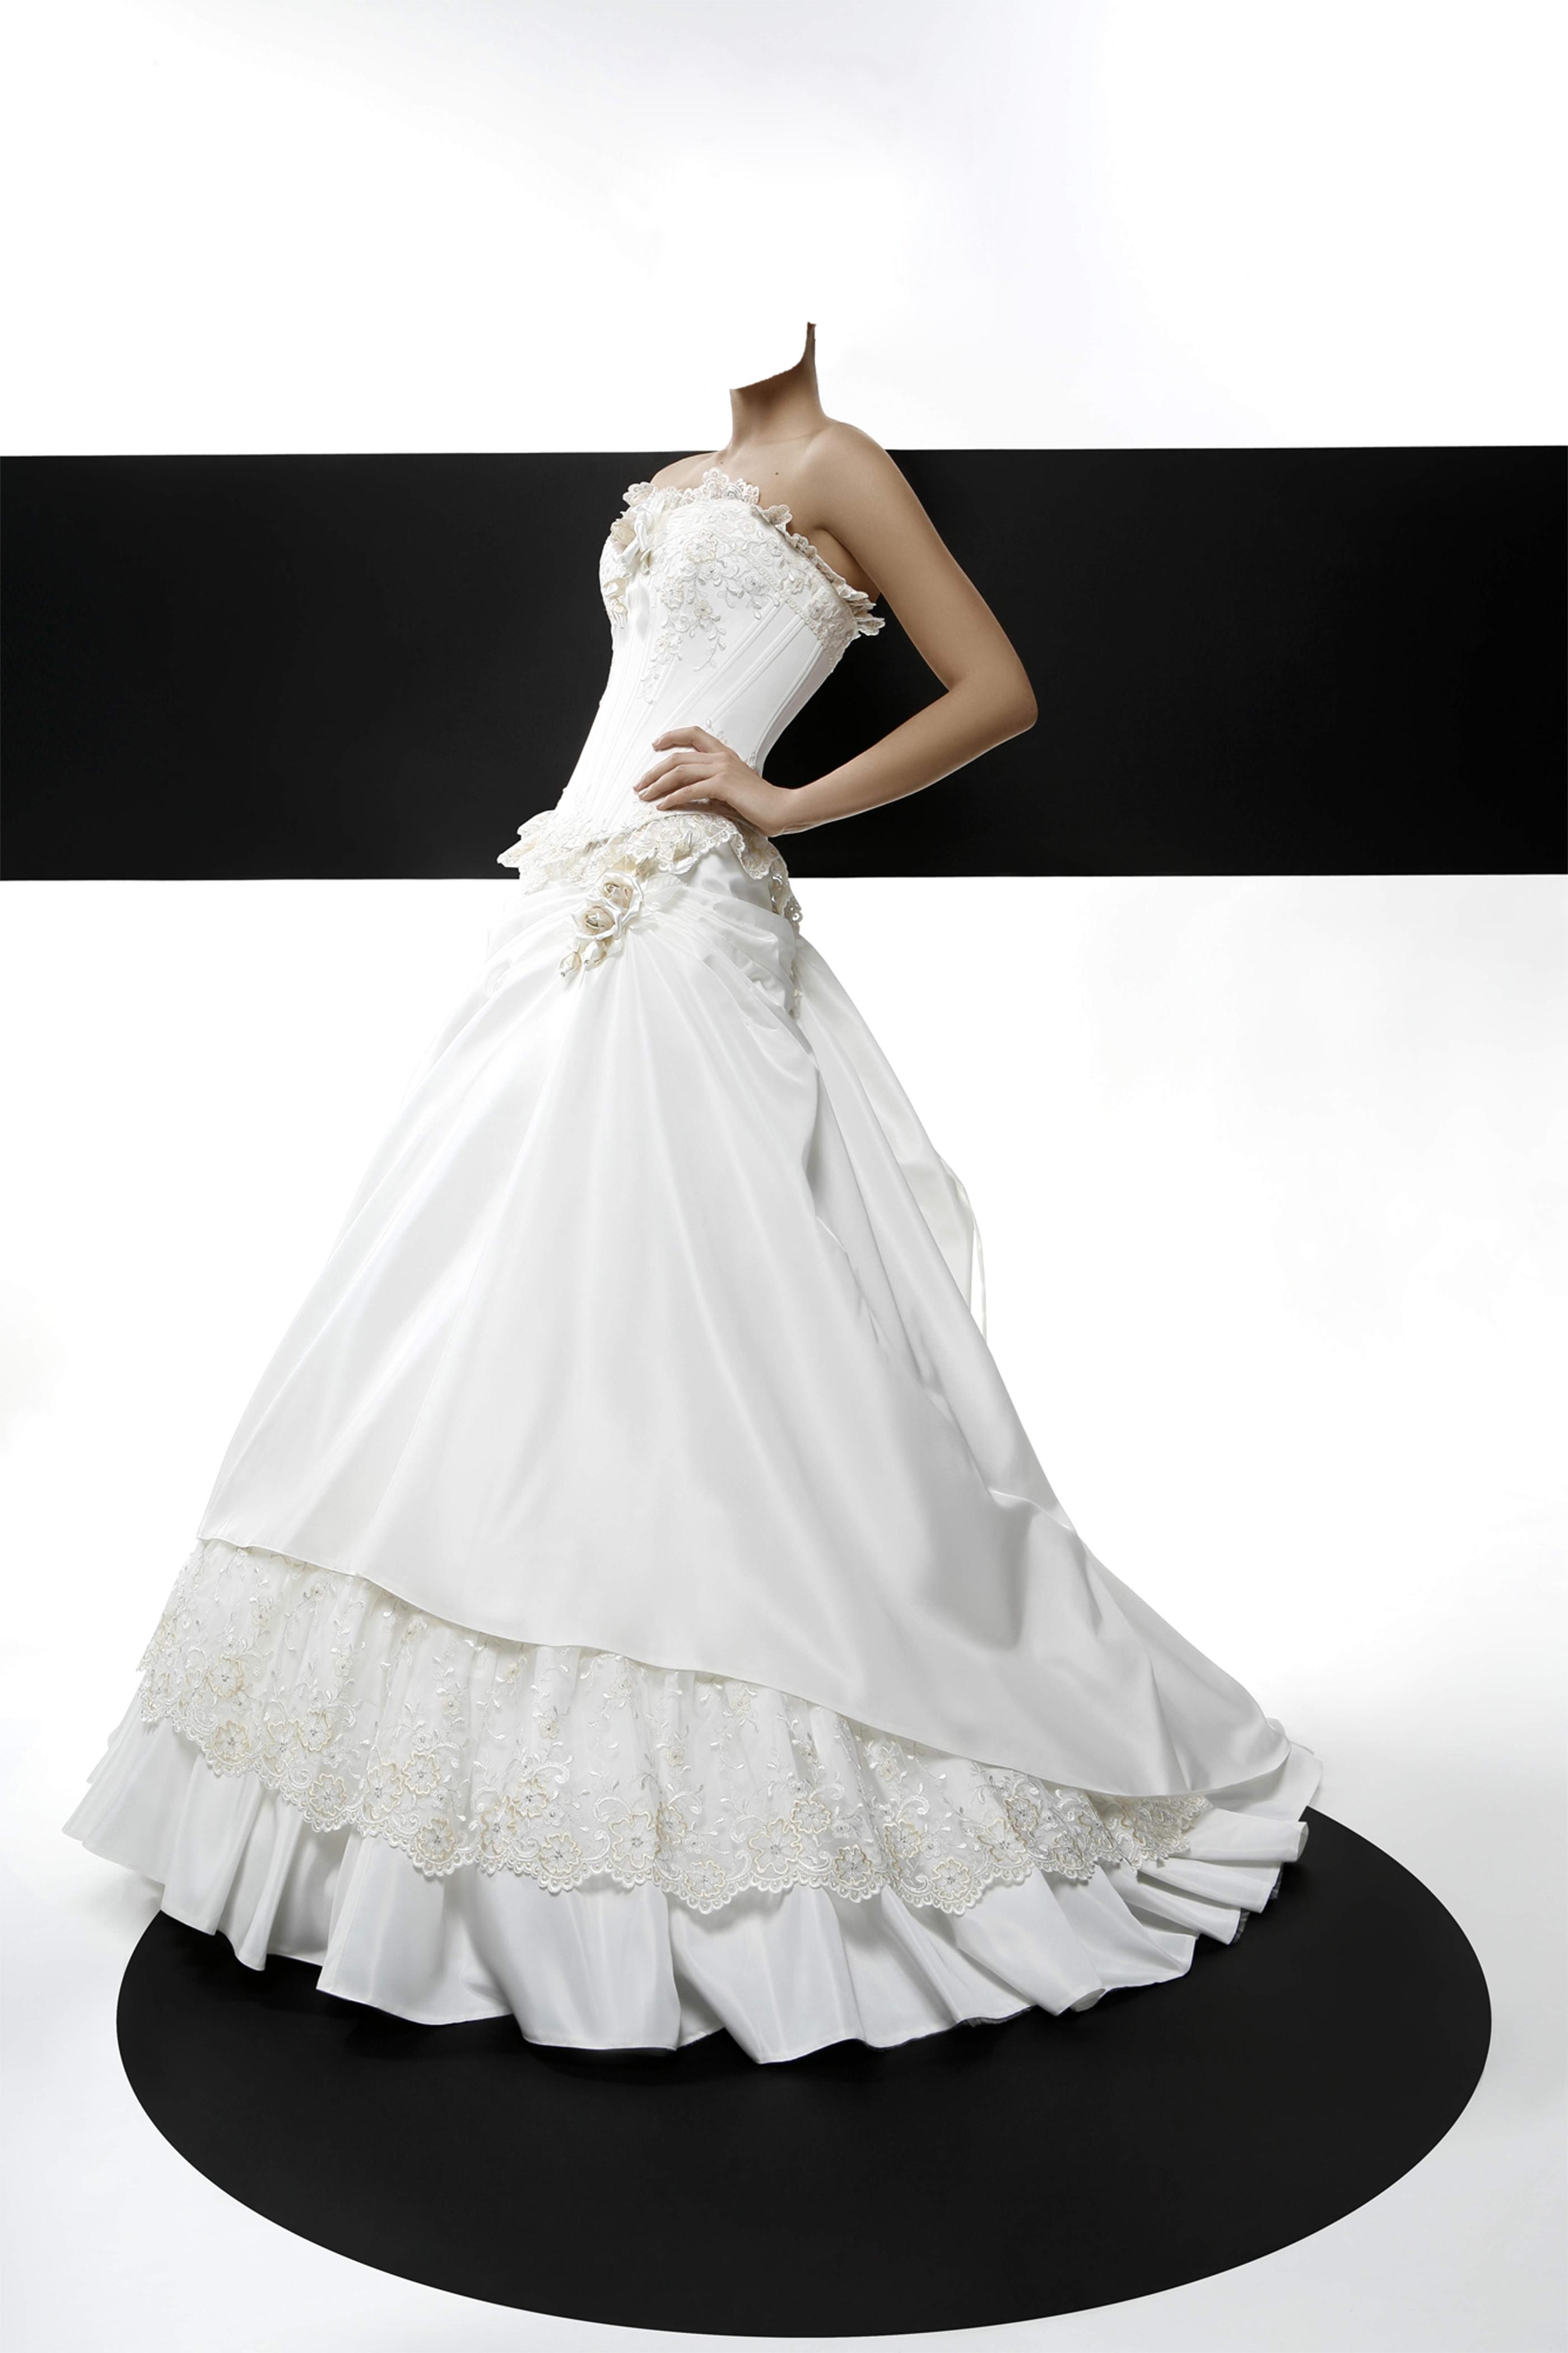 В свадебном платье фотошоп